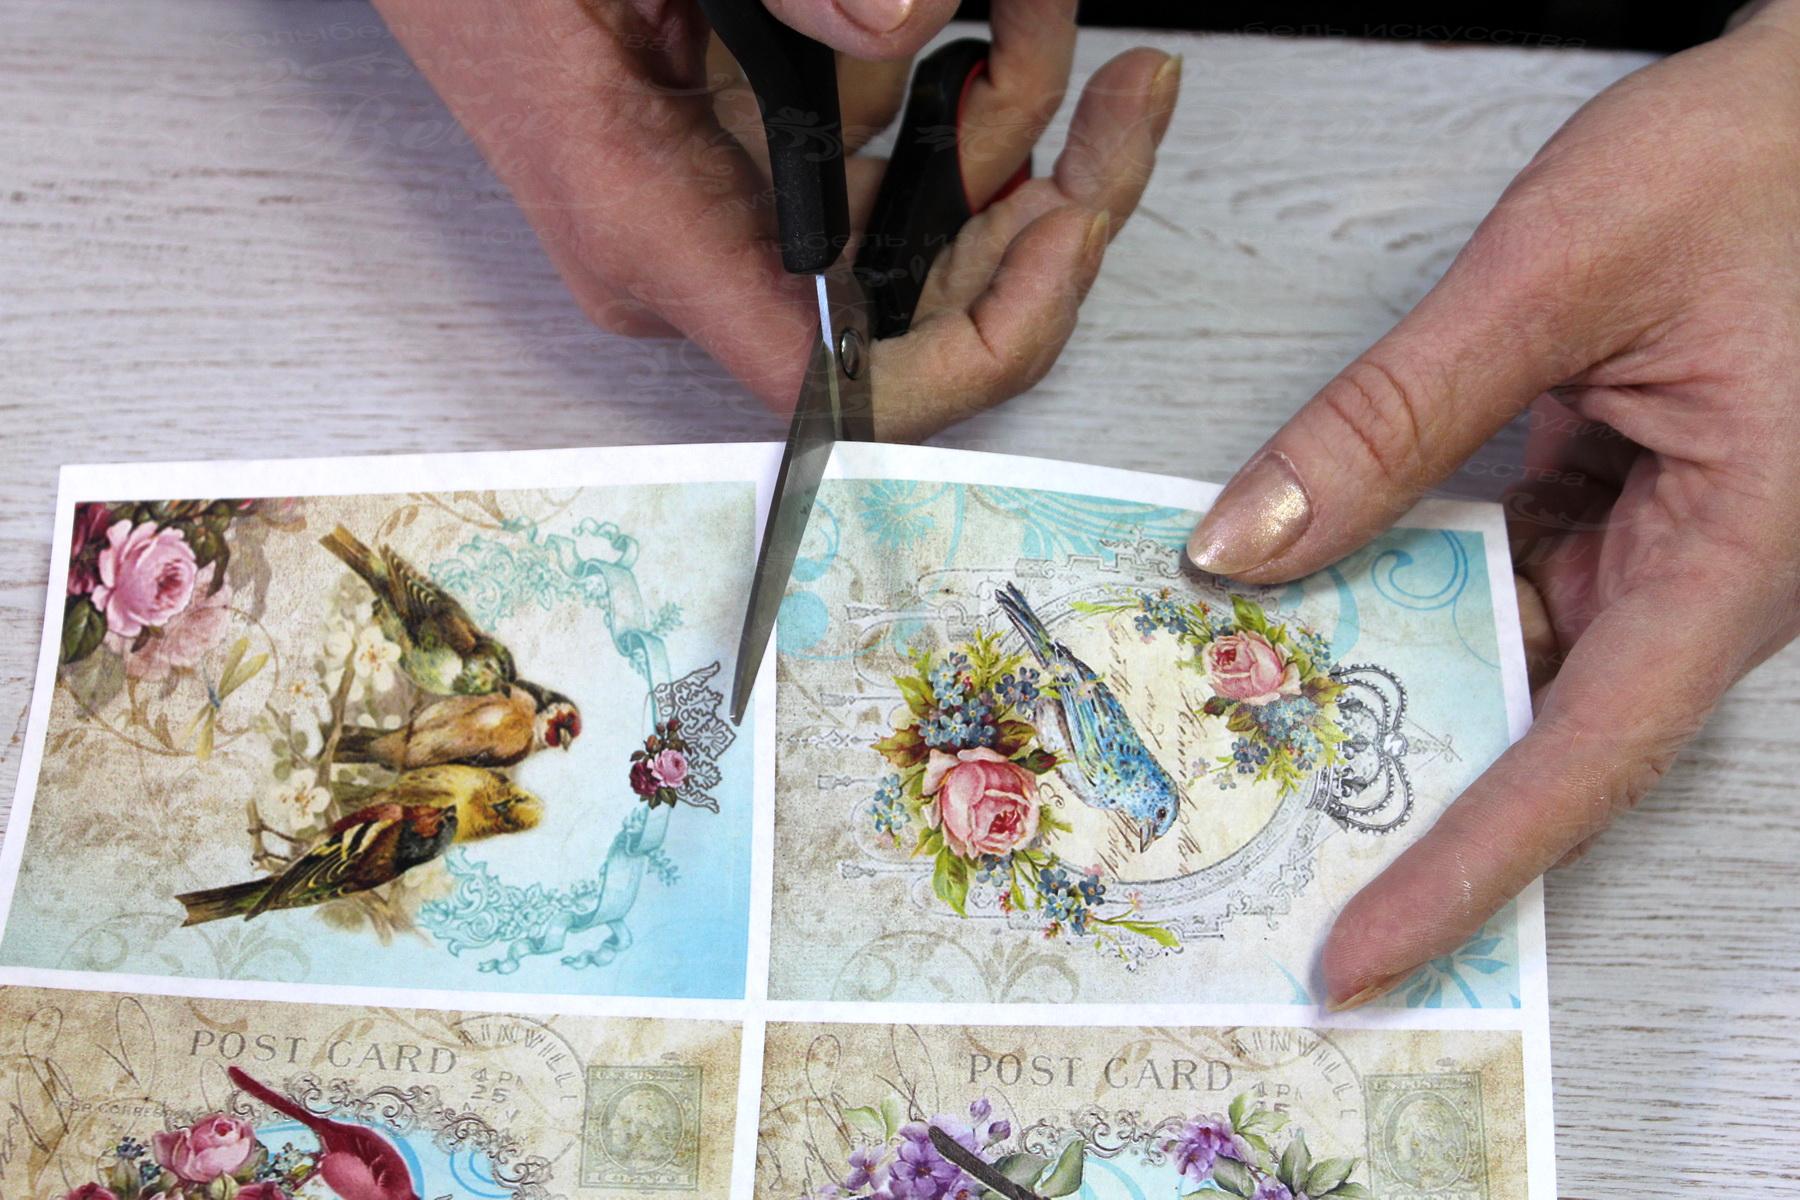 Как делать декупаж своими руками: оклеивание салфетницы, мастер-класс по созданию картины из салфеток